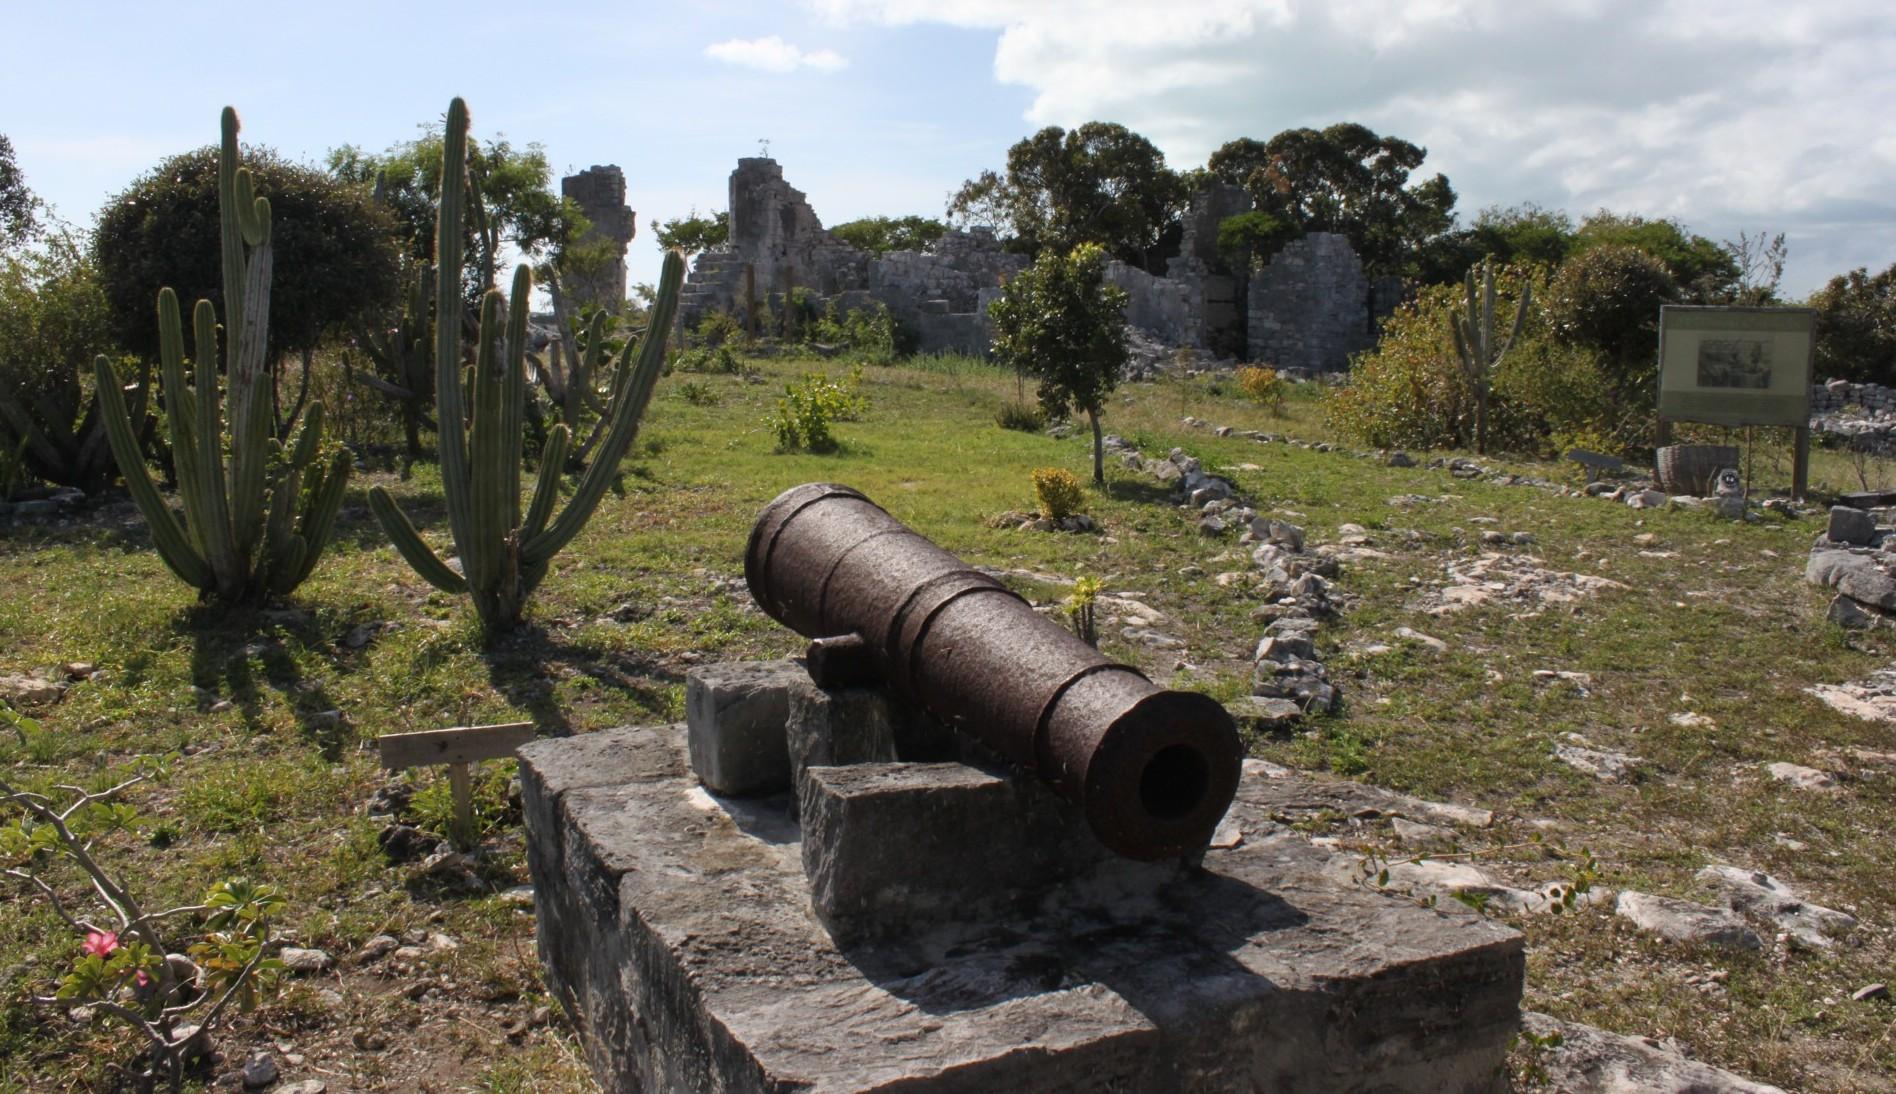 Turks & Caicos: Much more than a beach destination!